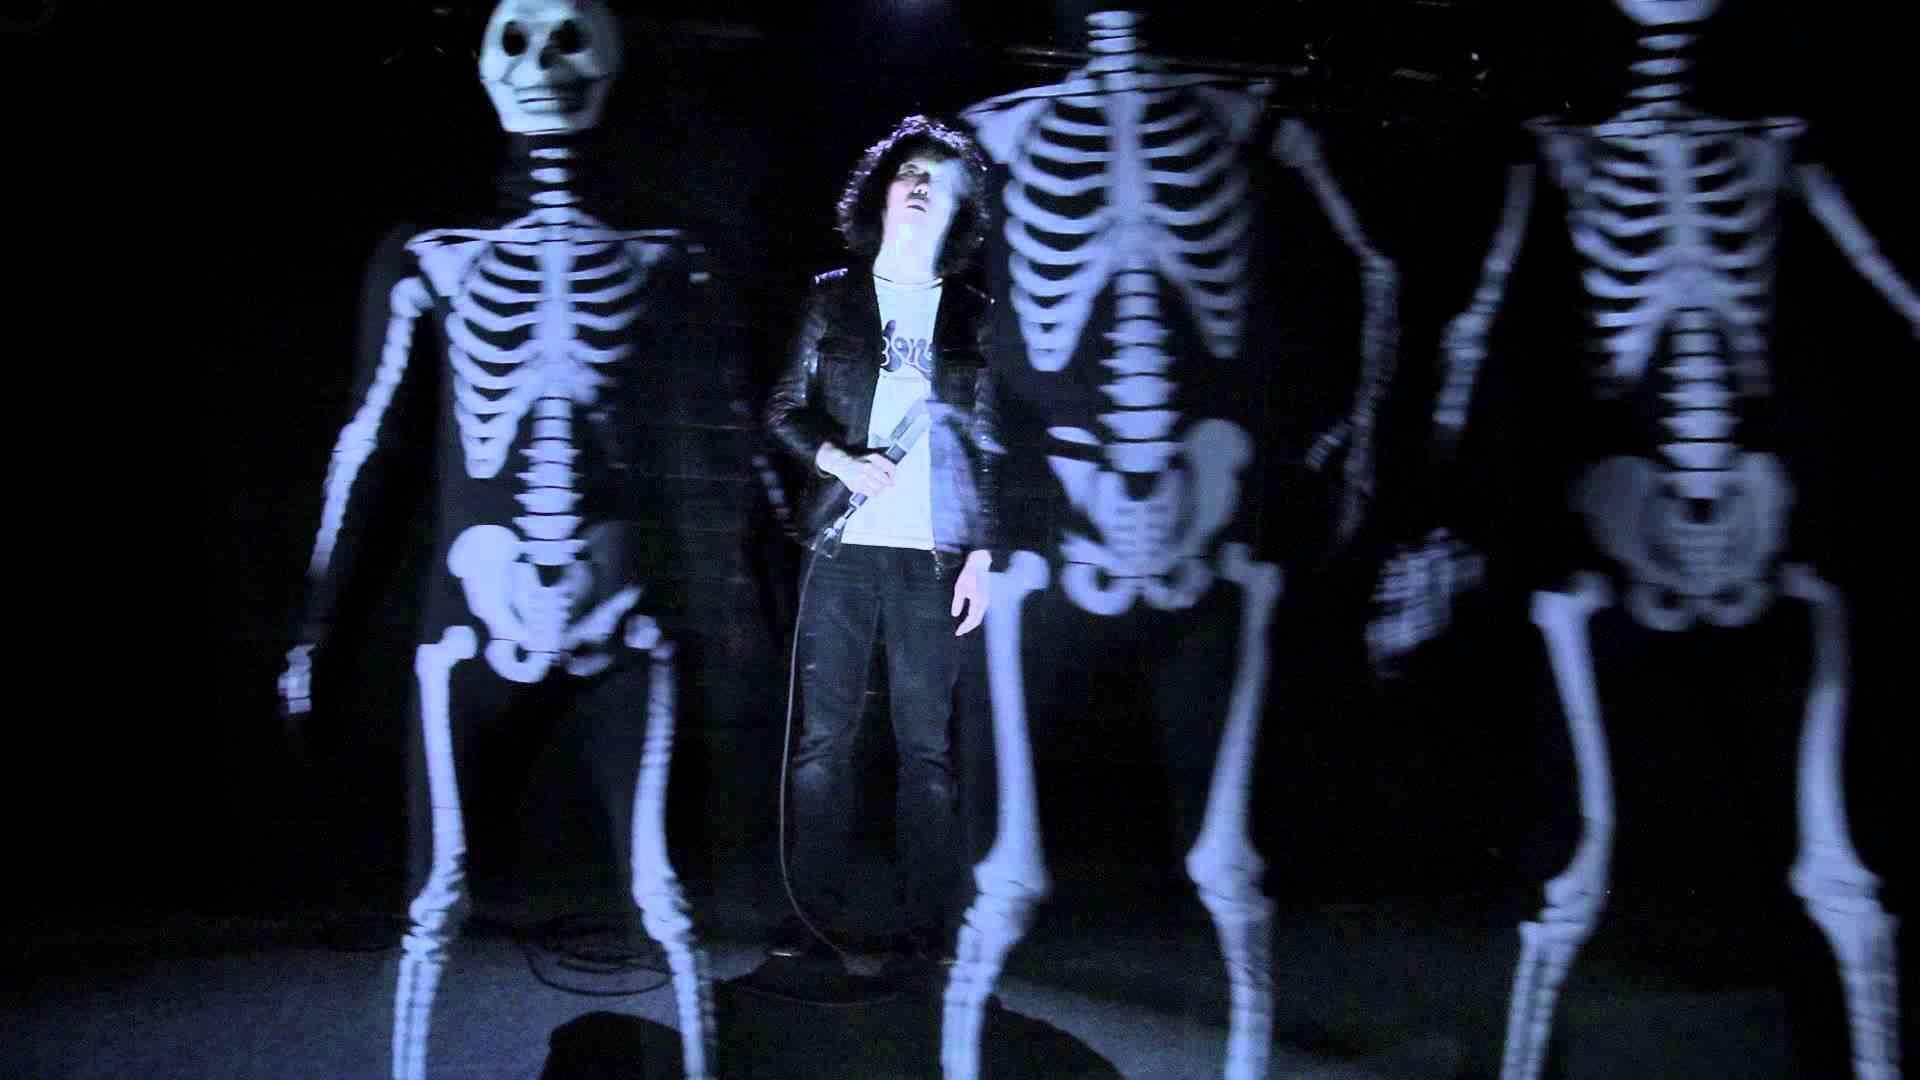 死者より(From The Dead) / 坂本慎太郎(zelone records official) - YouTube